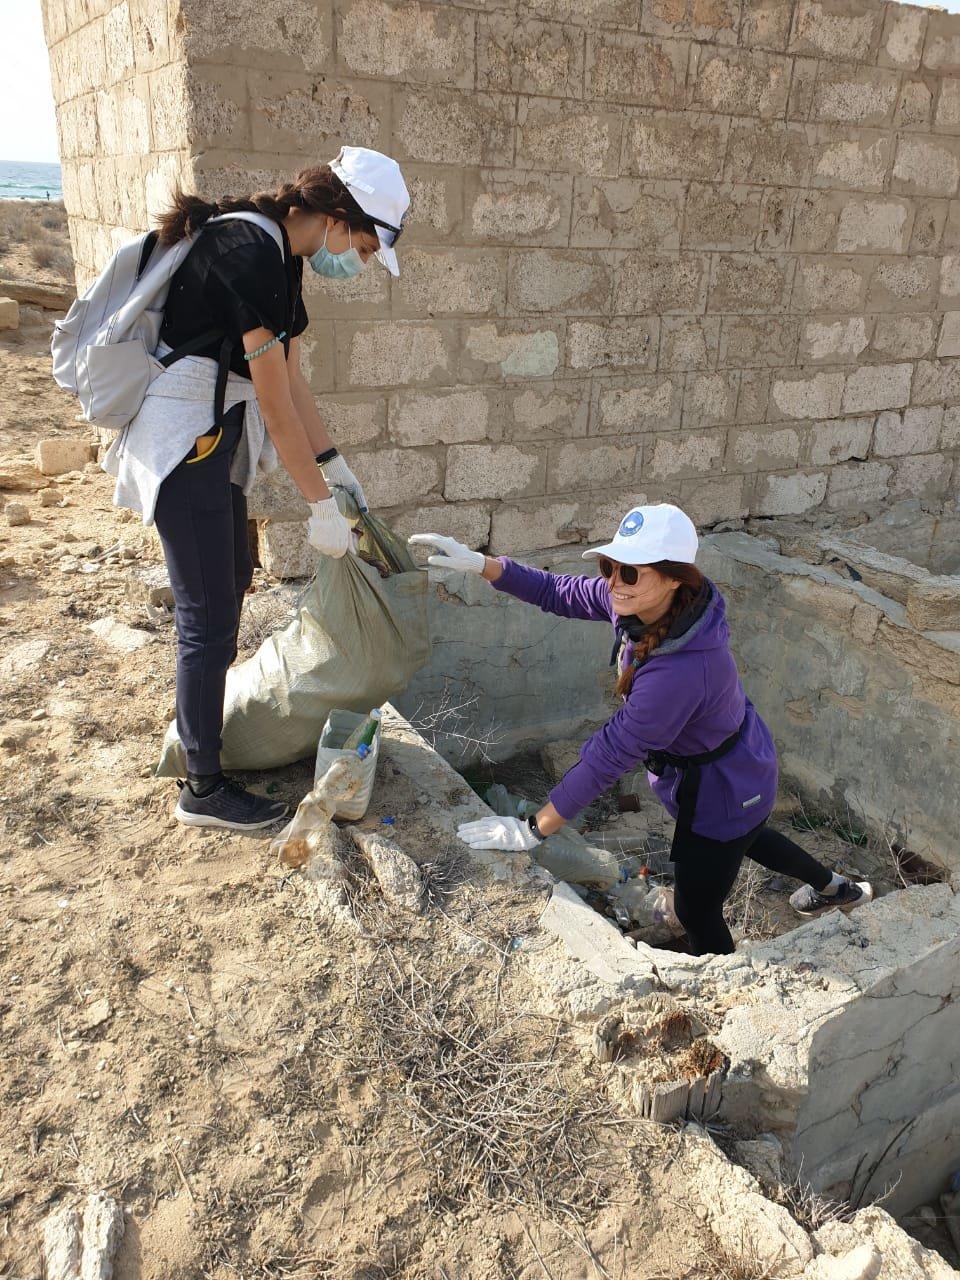 Около 70 мешков мусора собрали волонтеры в ущелье Саура, фото-2